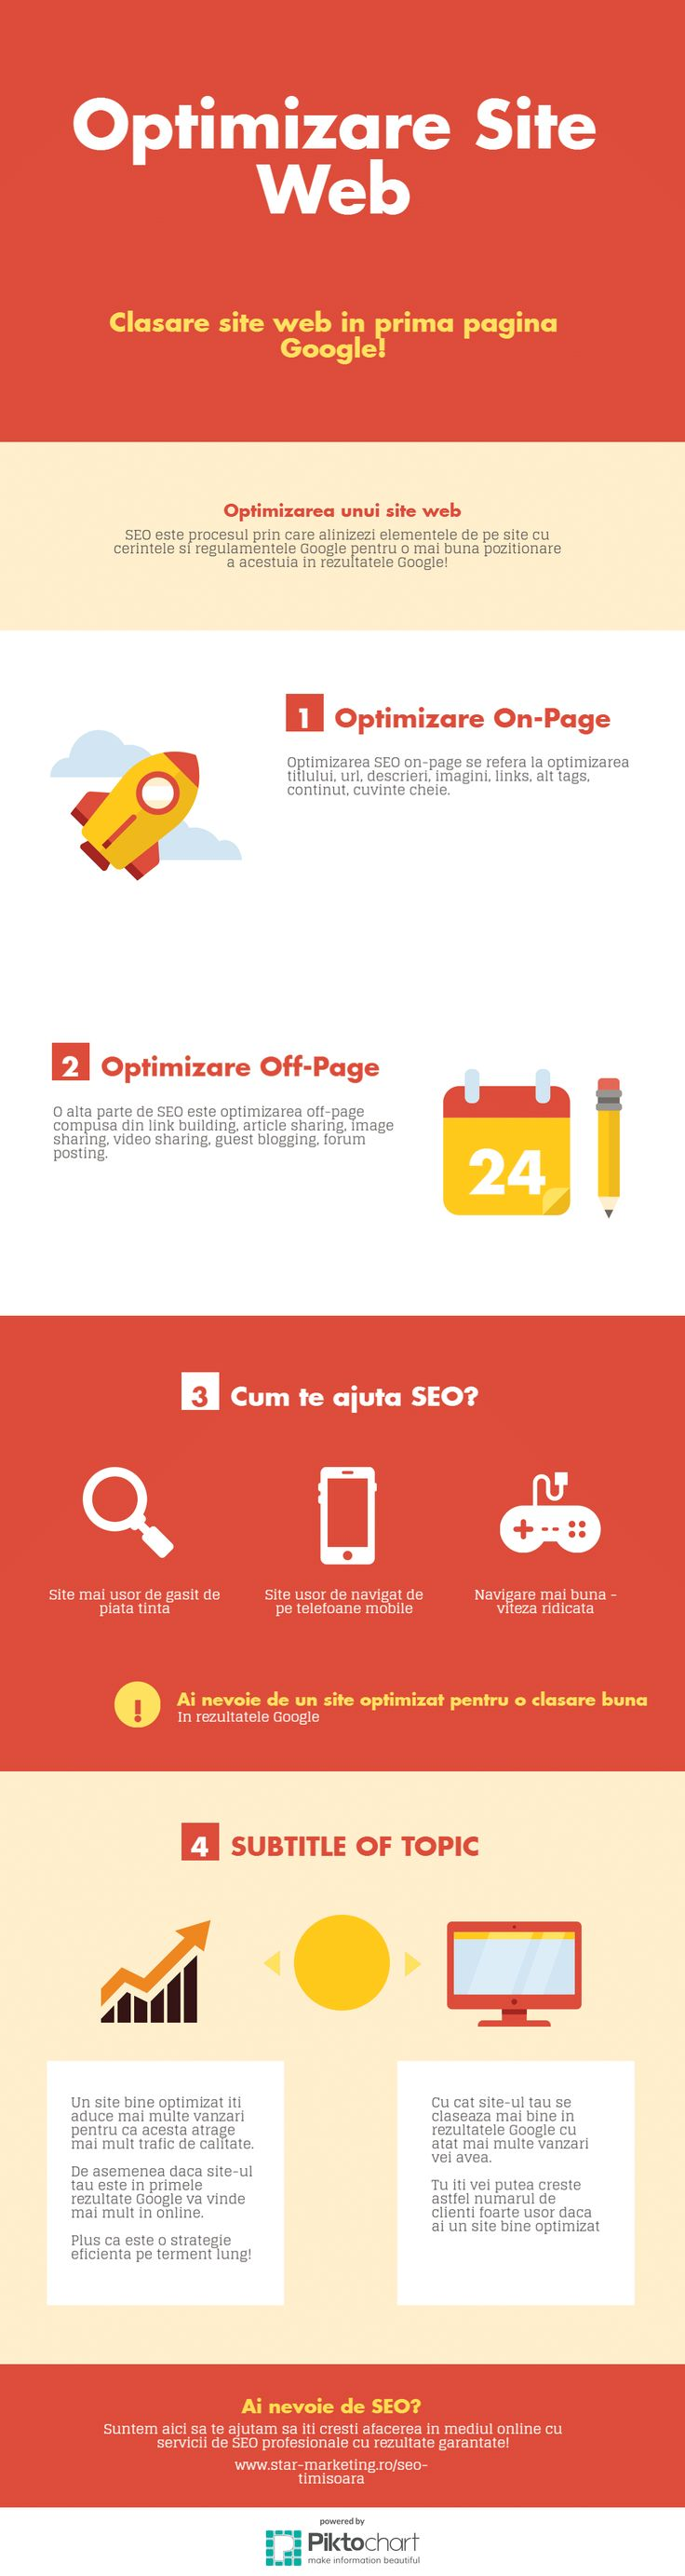 ghid avansat de optimizare seo site pas cu pas!  Afla cum sa iti optimizezi site-ul pas cu pas fara batai de cap!